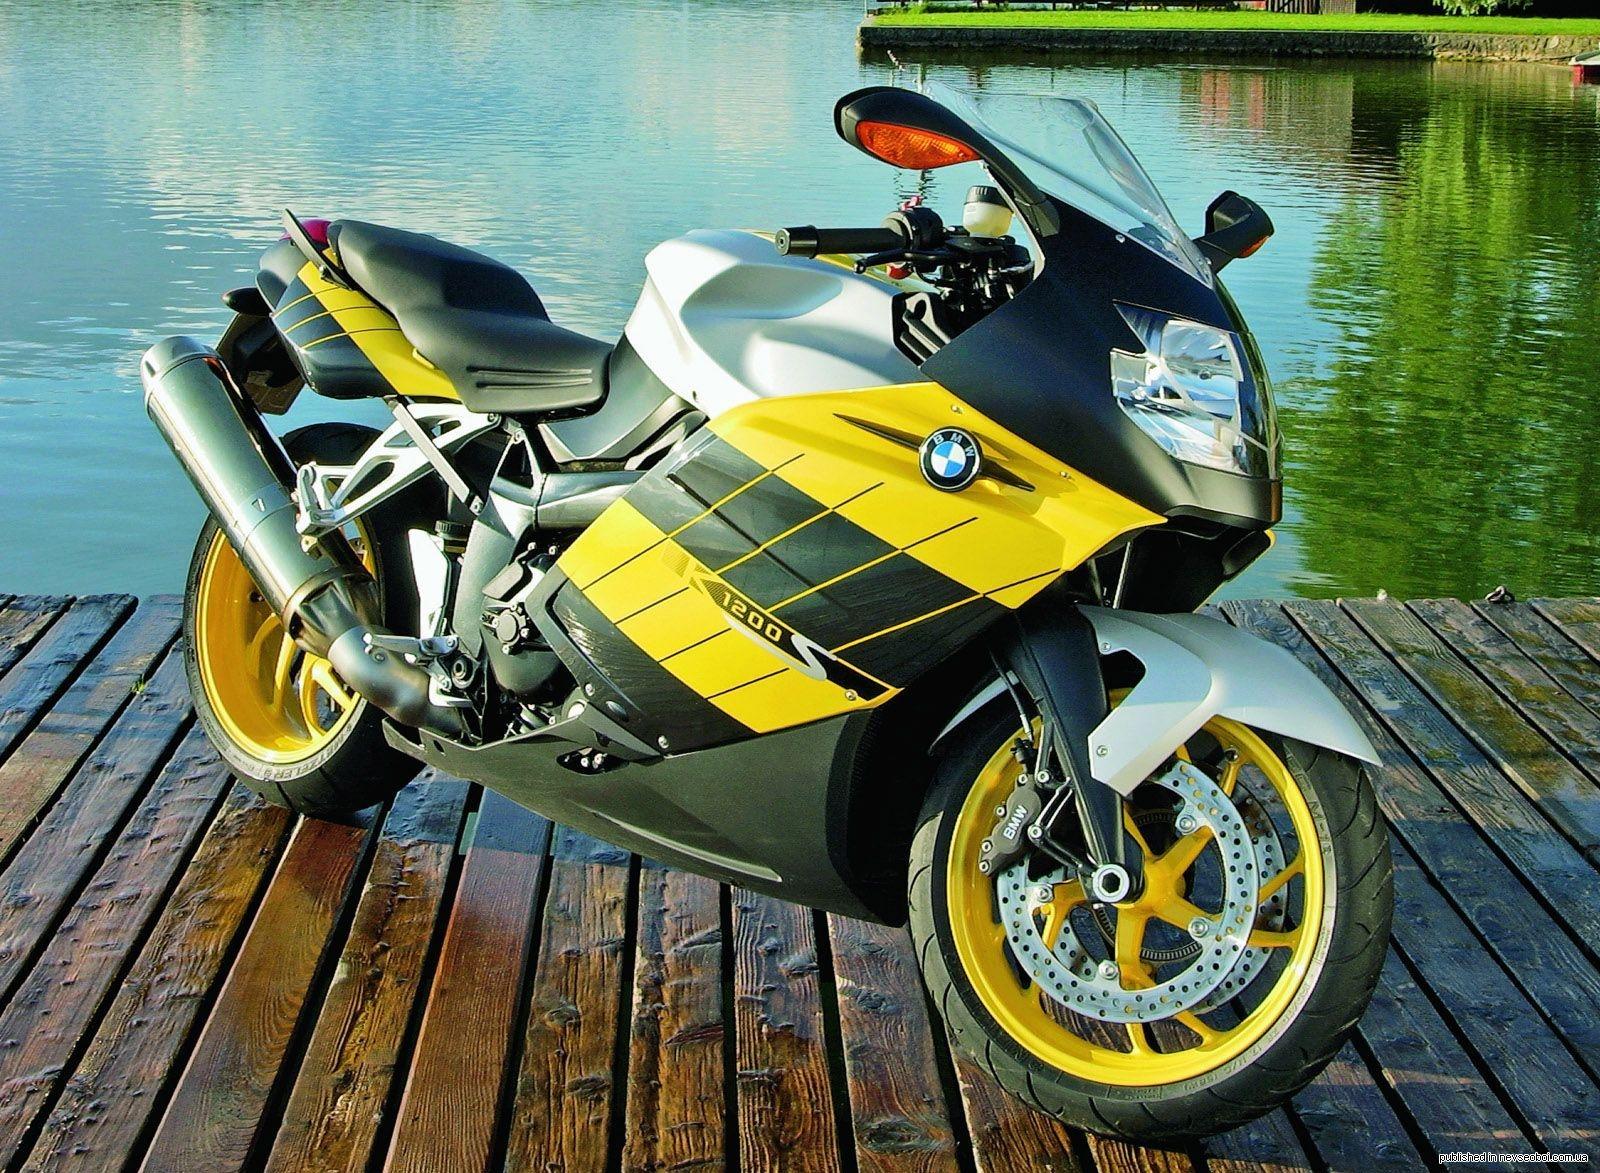 Картинки мотоциклов кроссовых